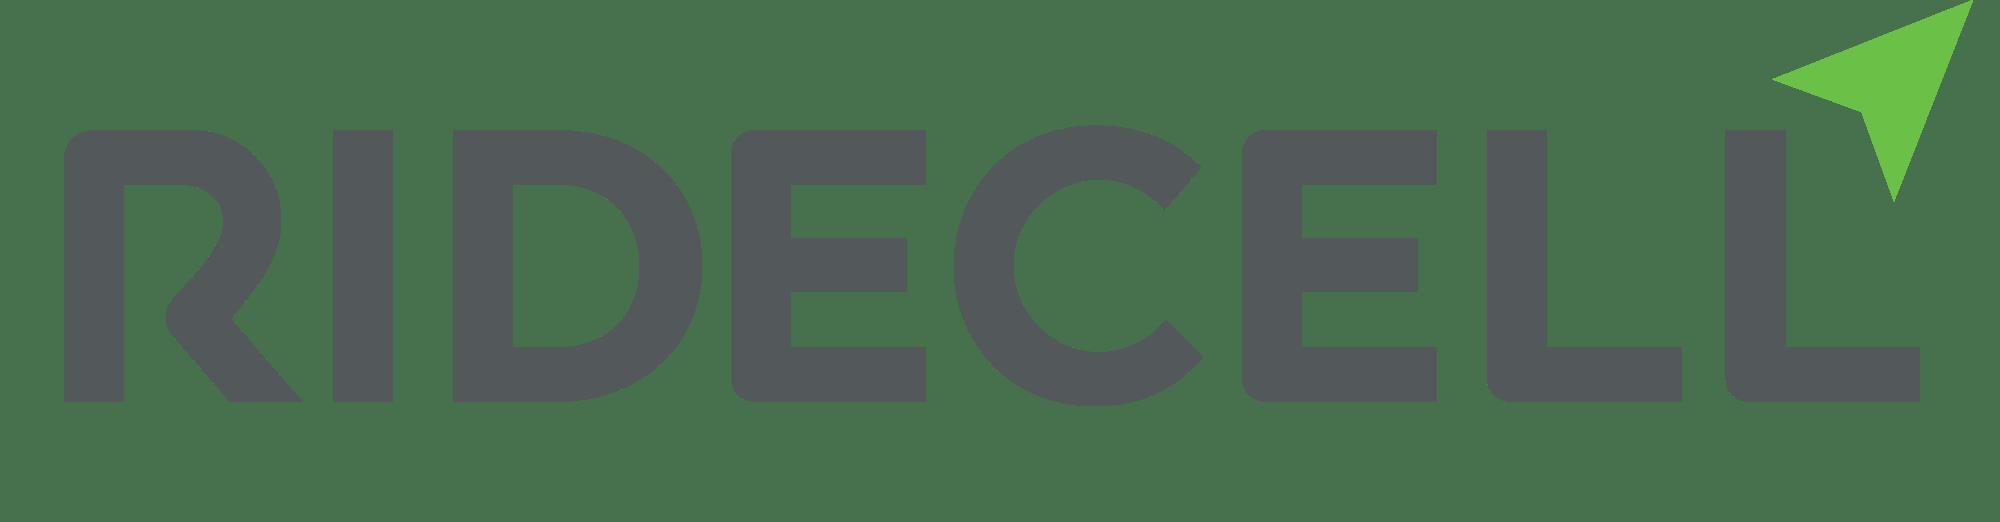 Ridecell company logo